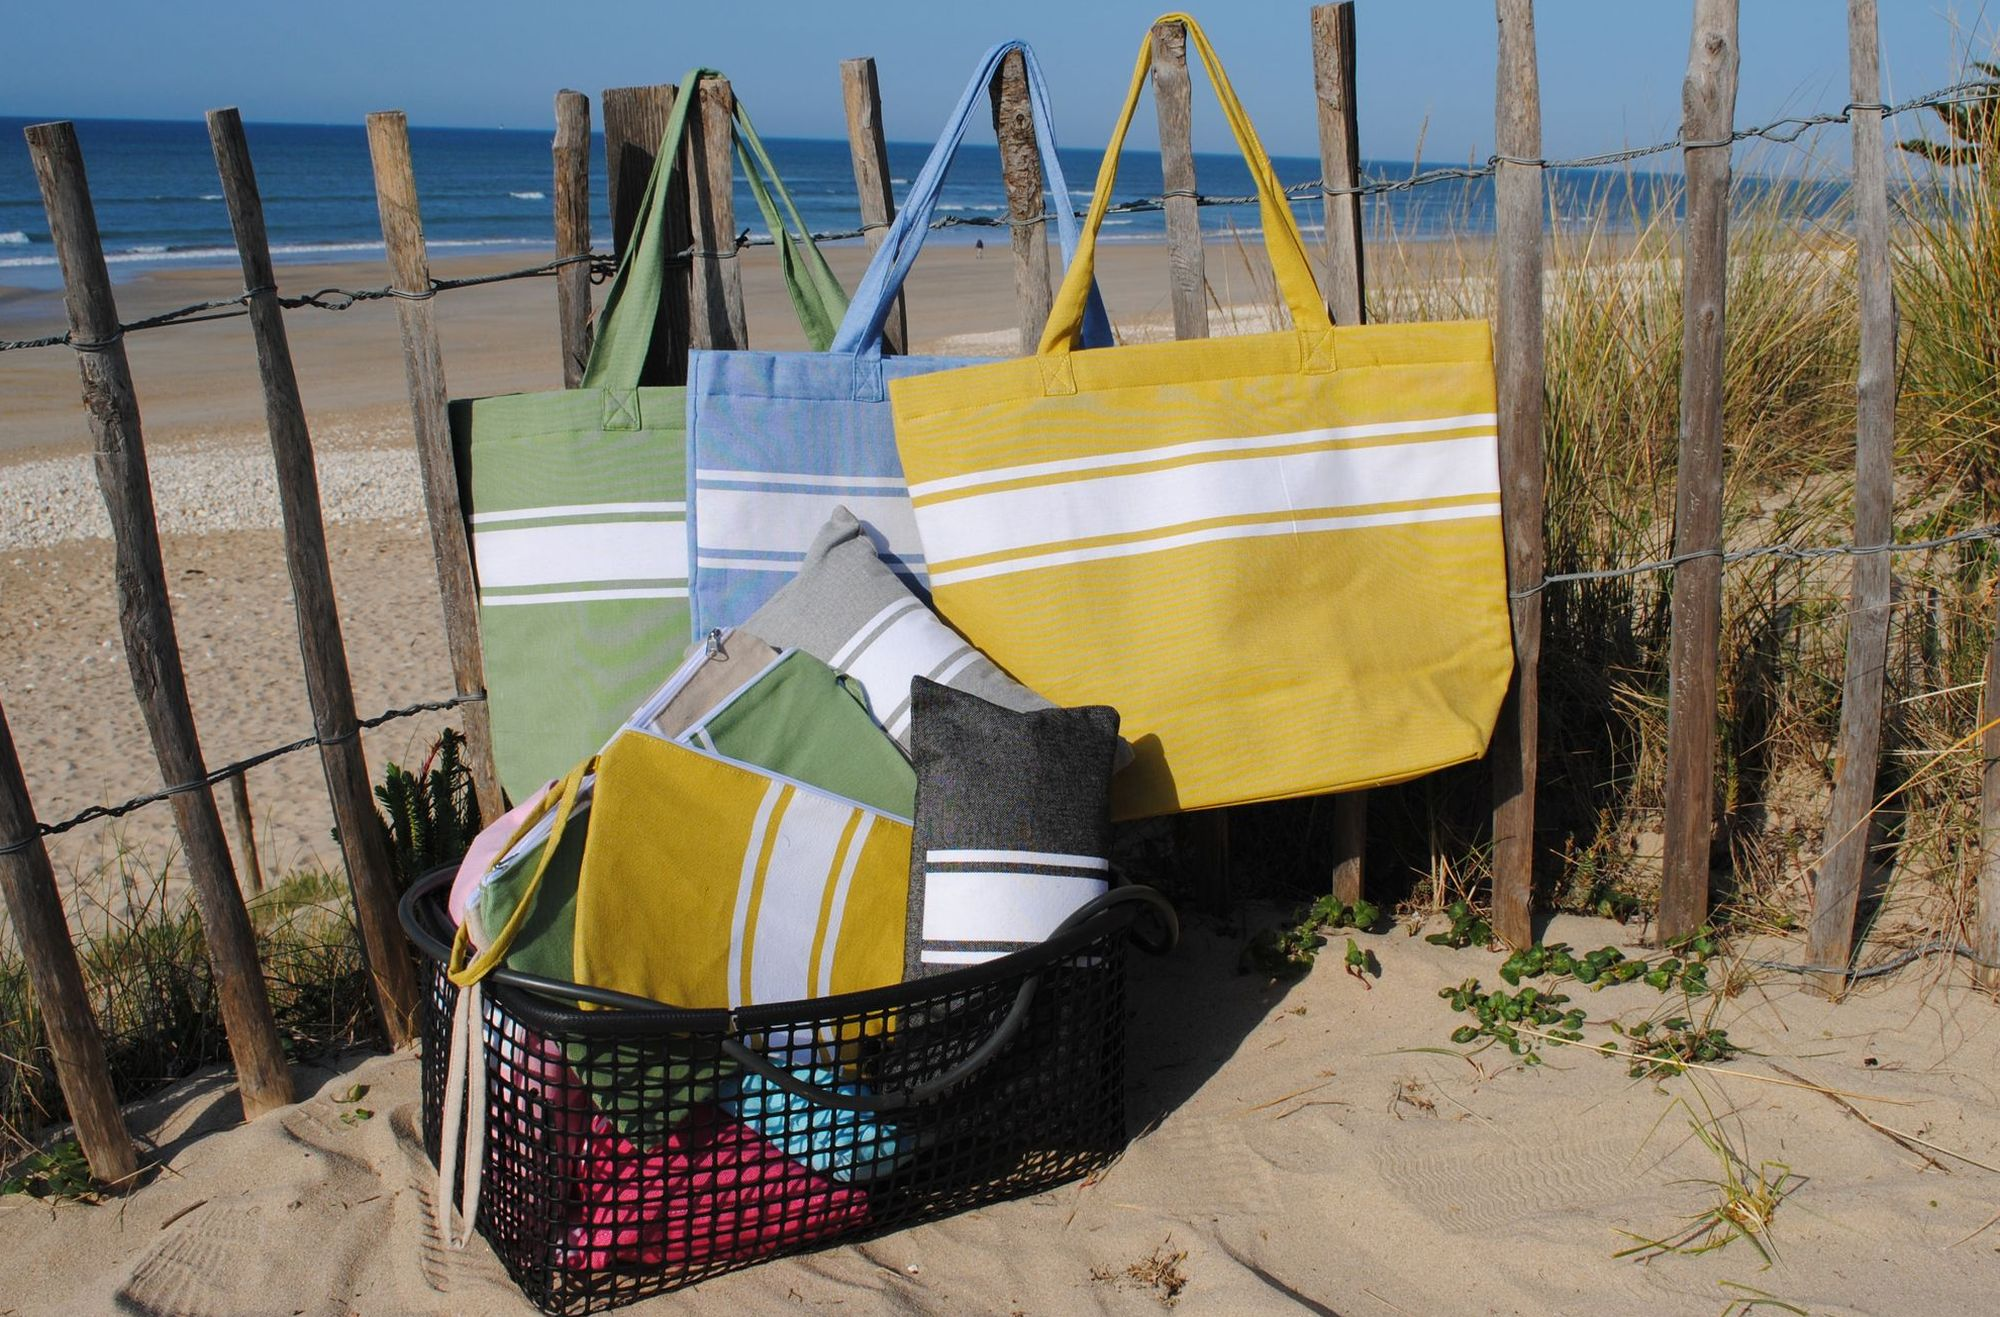 Accessoires de plage, coussin, cabas, trousse, chapeau